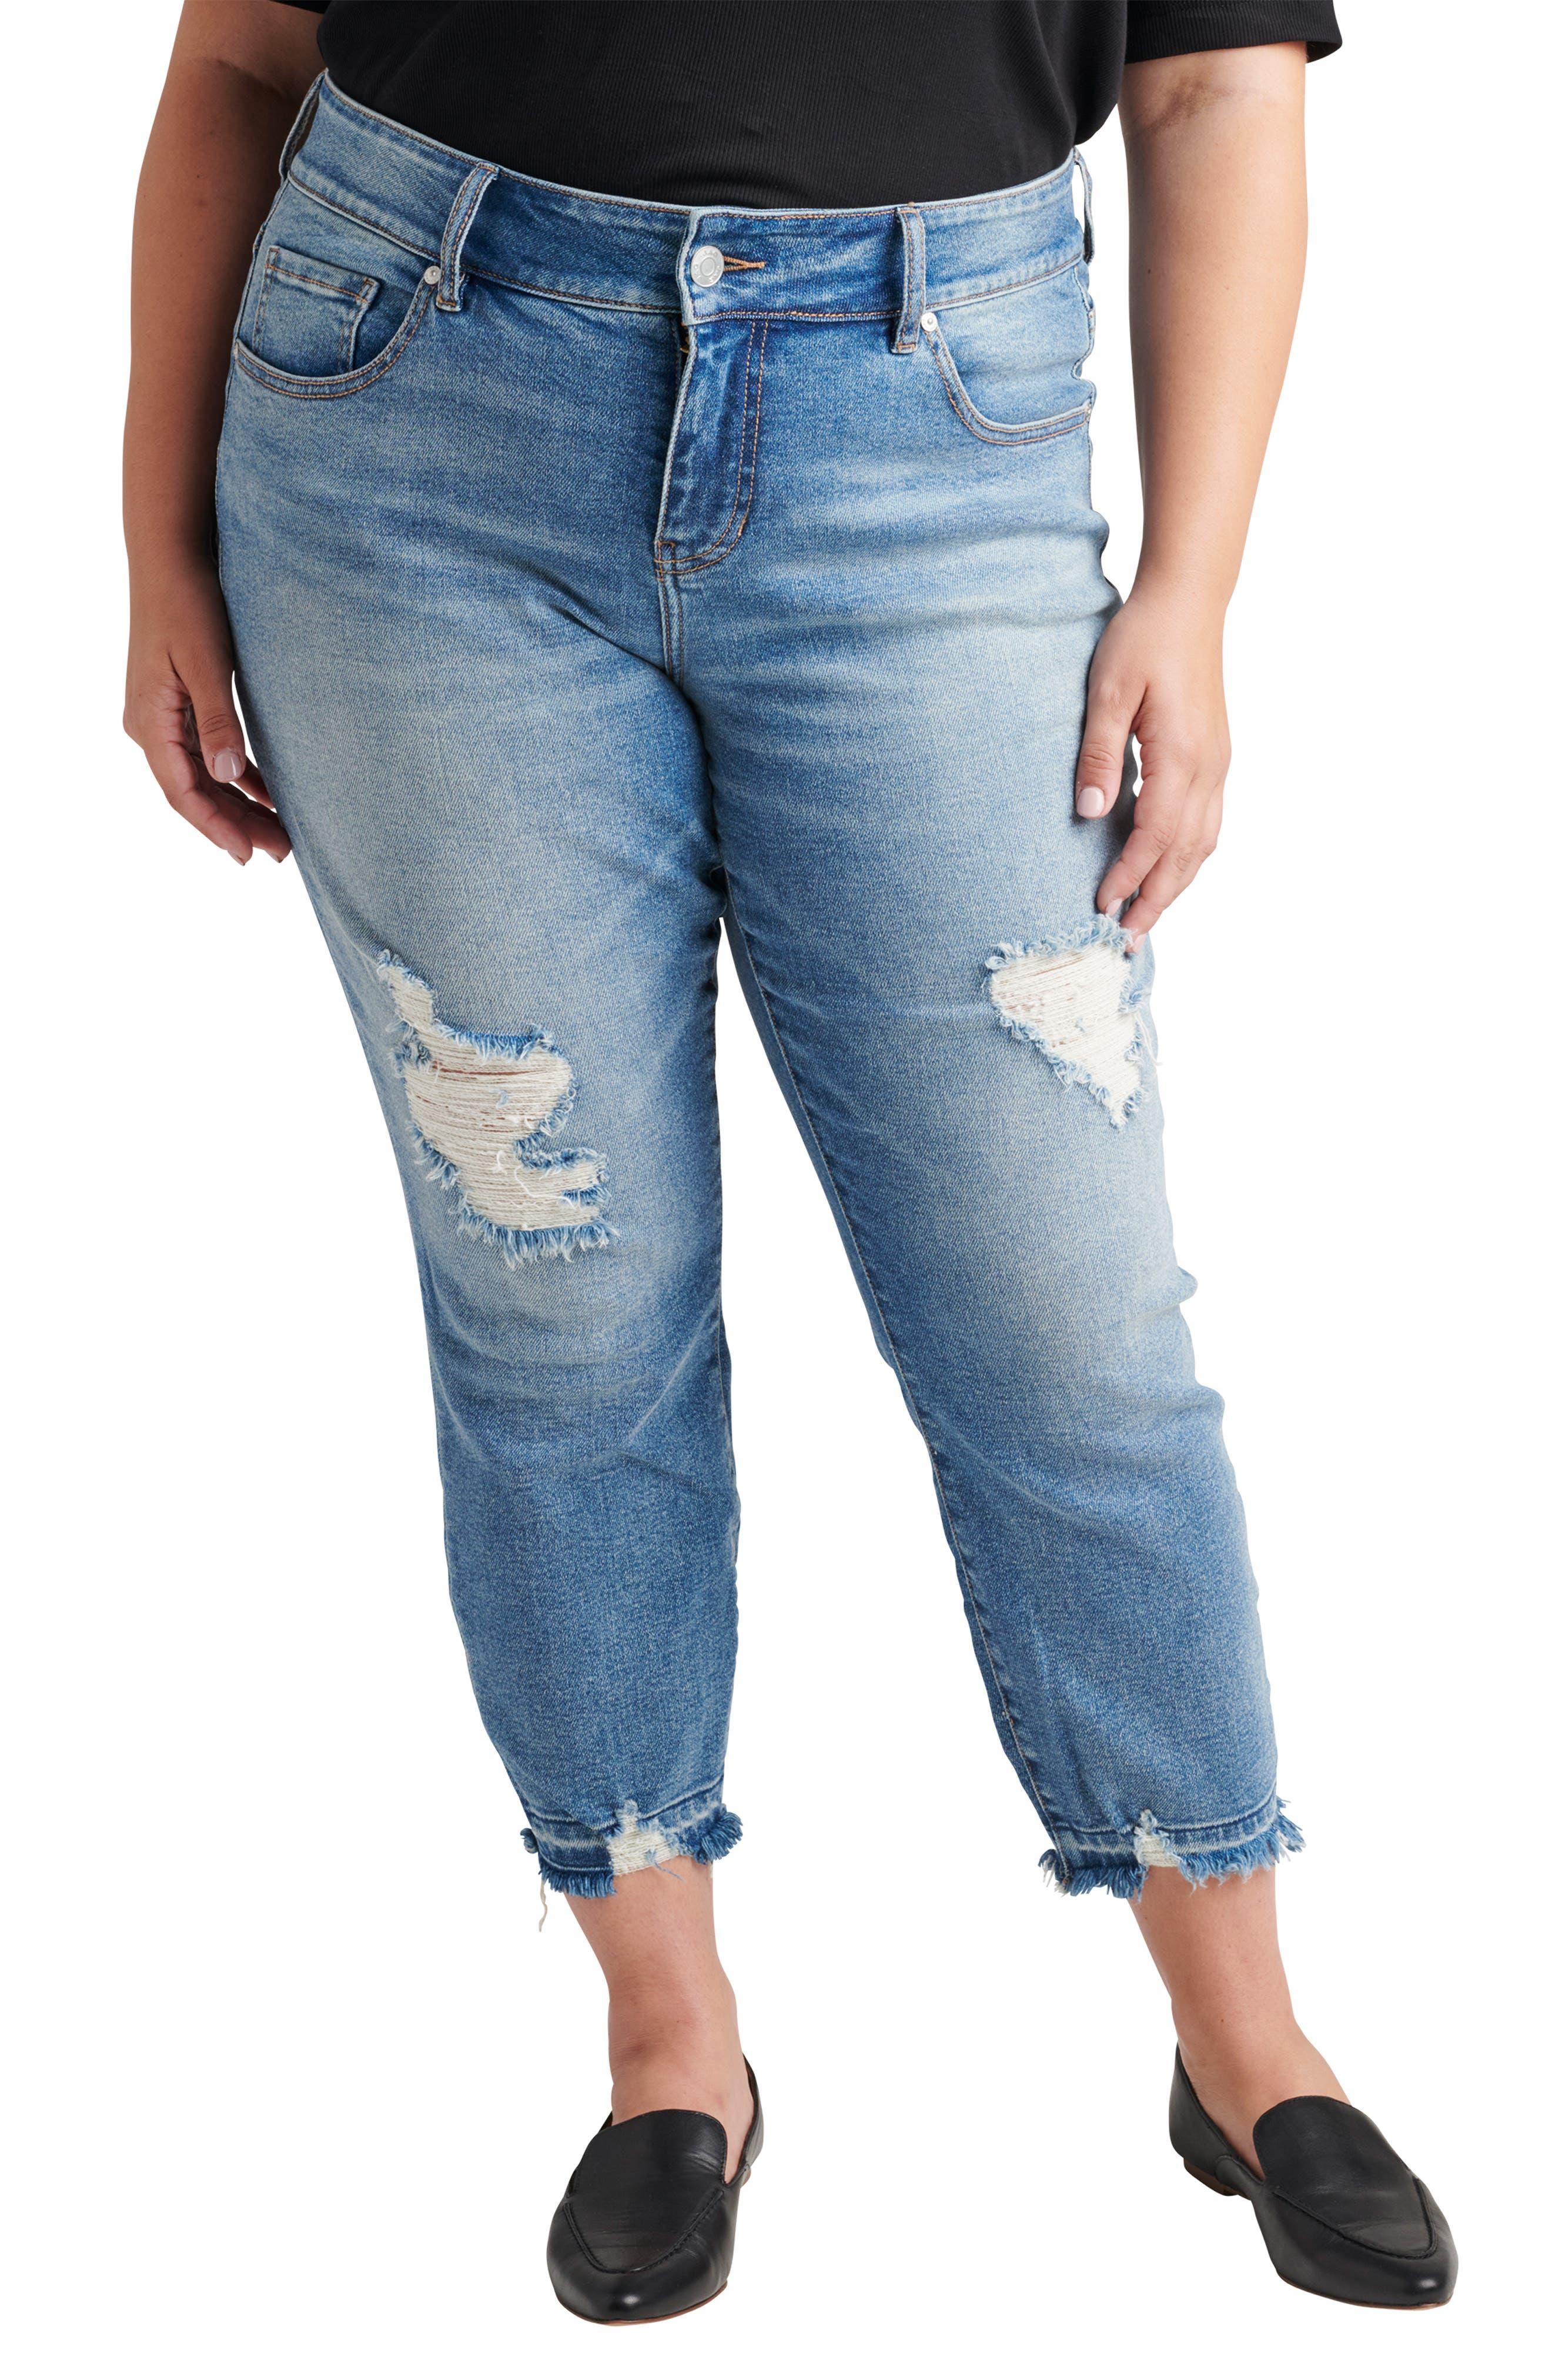 Carter High Waist Crop Girlfriend Jeans